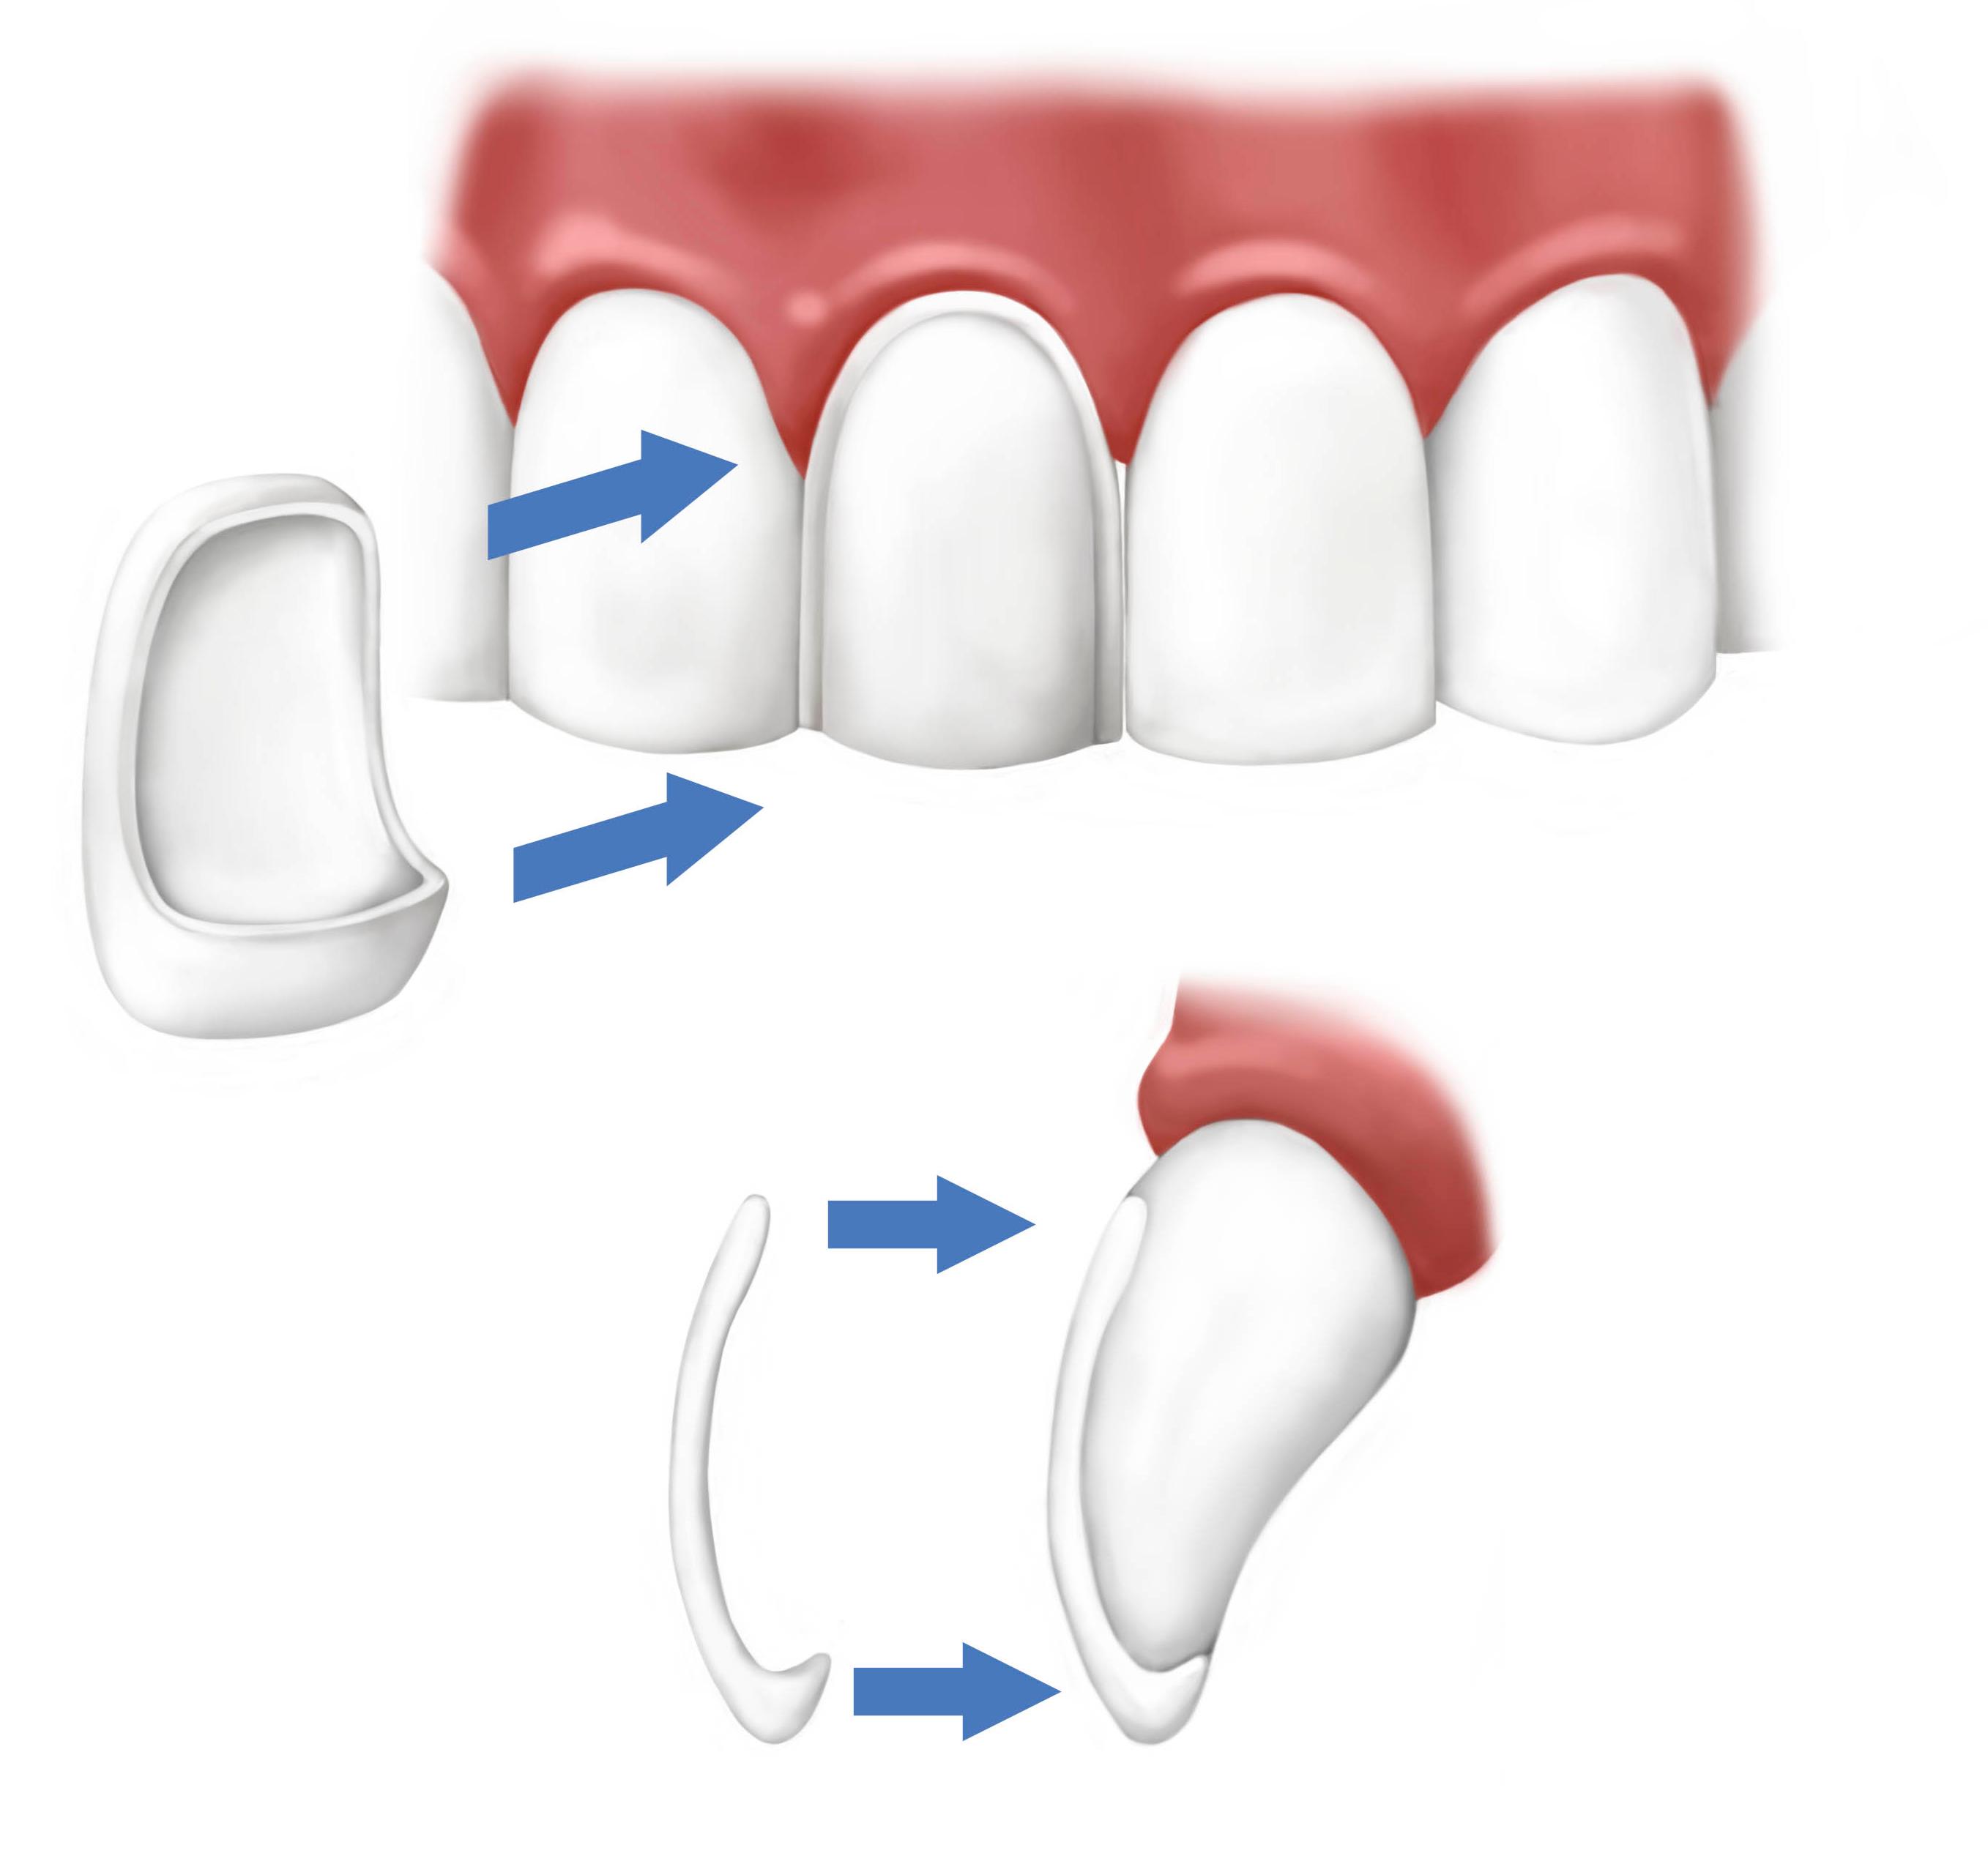 Model of Dental Veneers